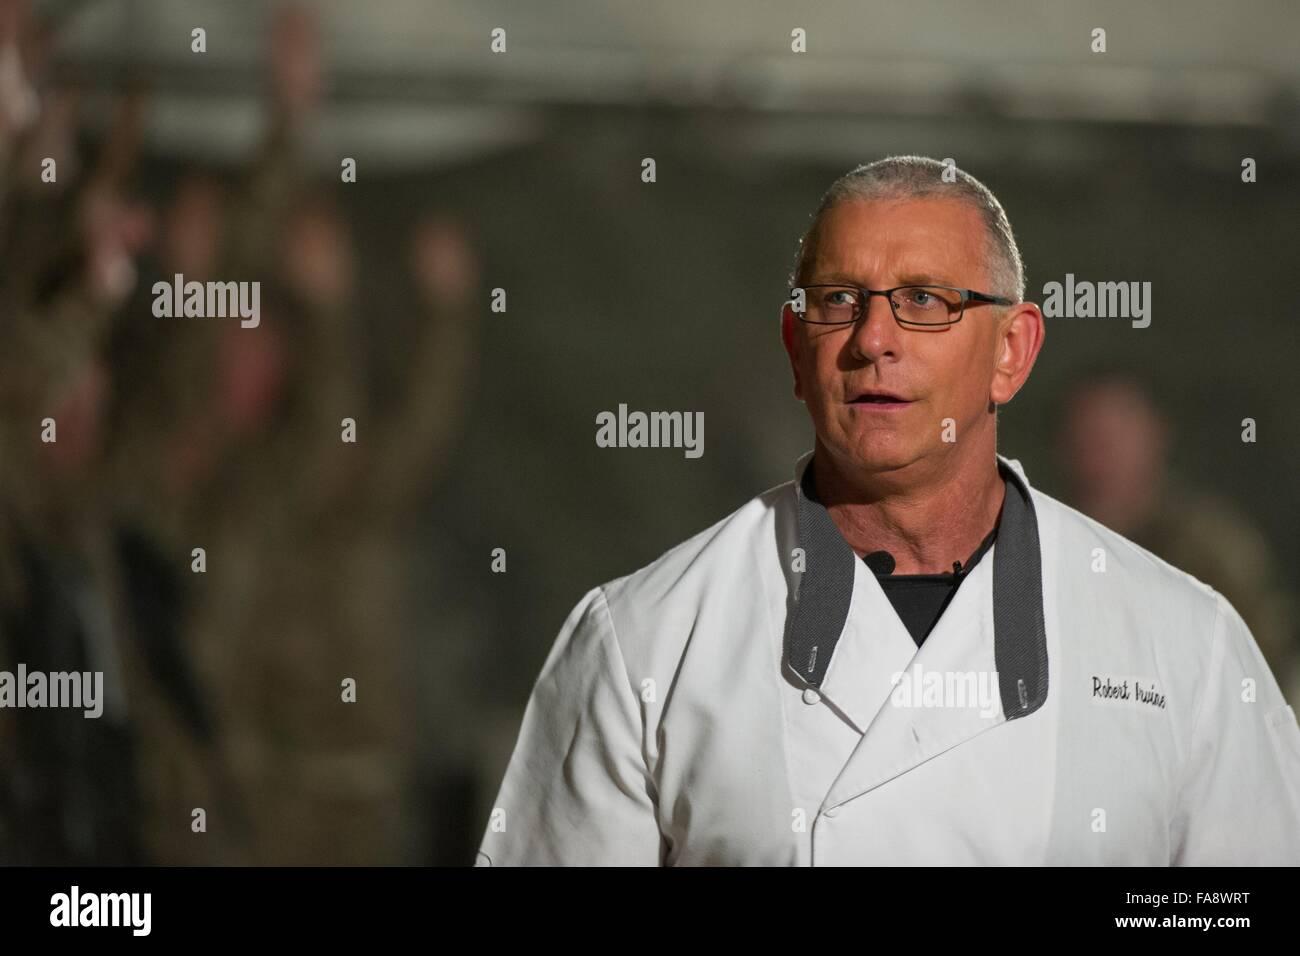 Celebrity Chef Robert Irvine durante una cucina show cooking detenute per gli Stati Uniti i membri del servizio Immagini Stock